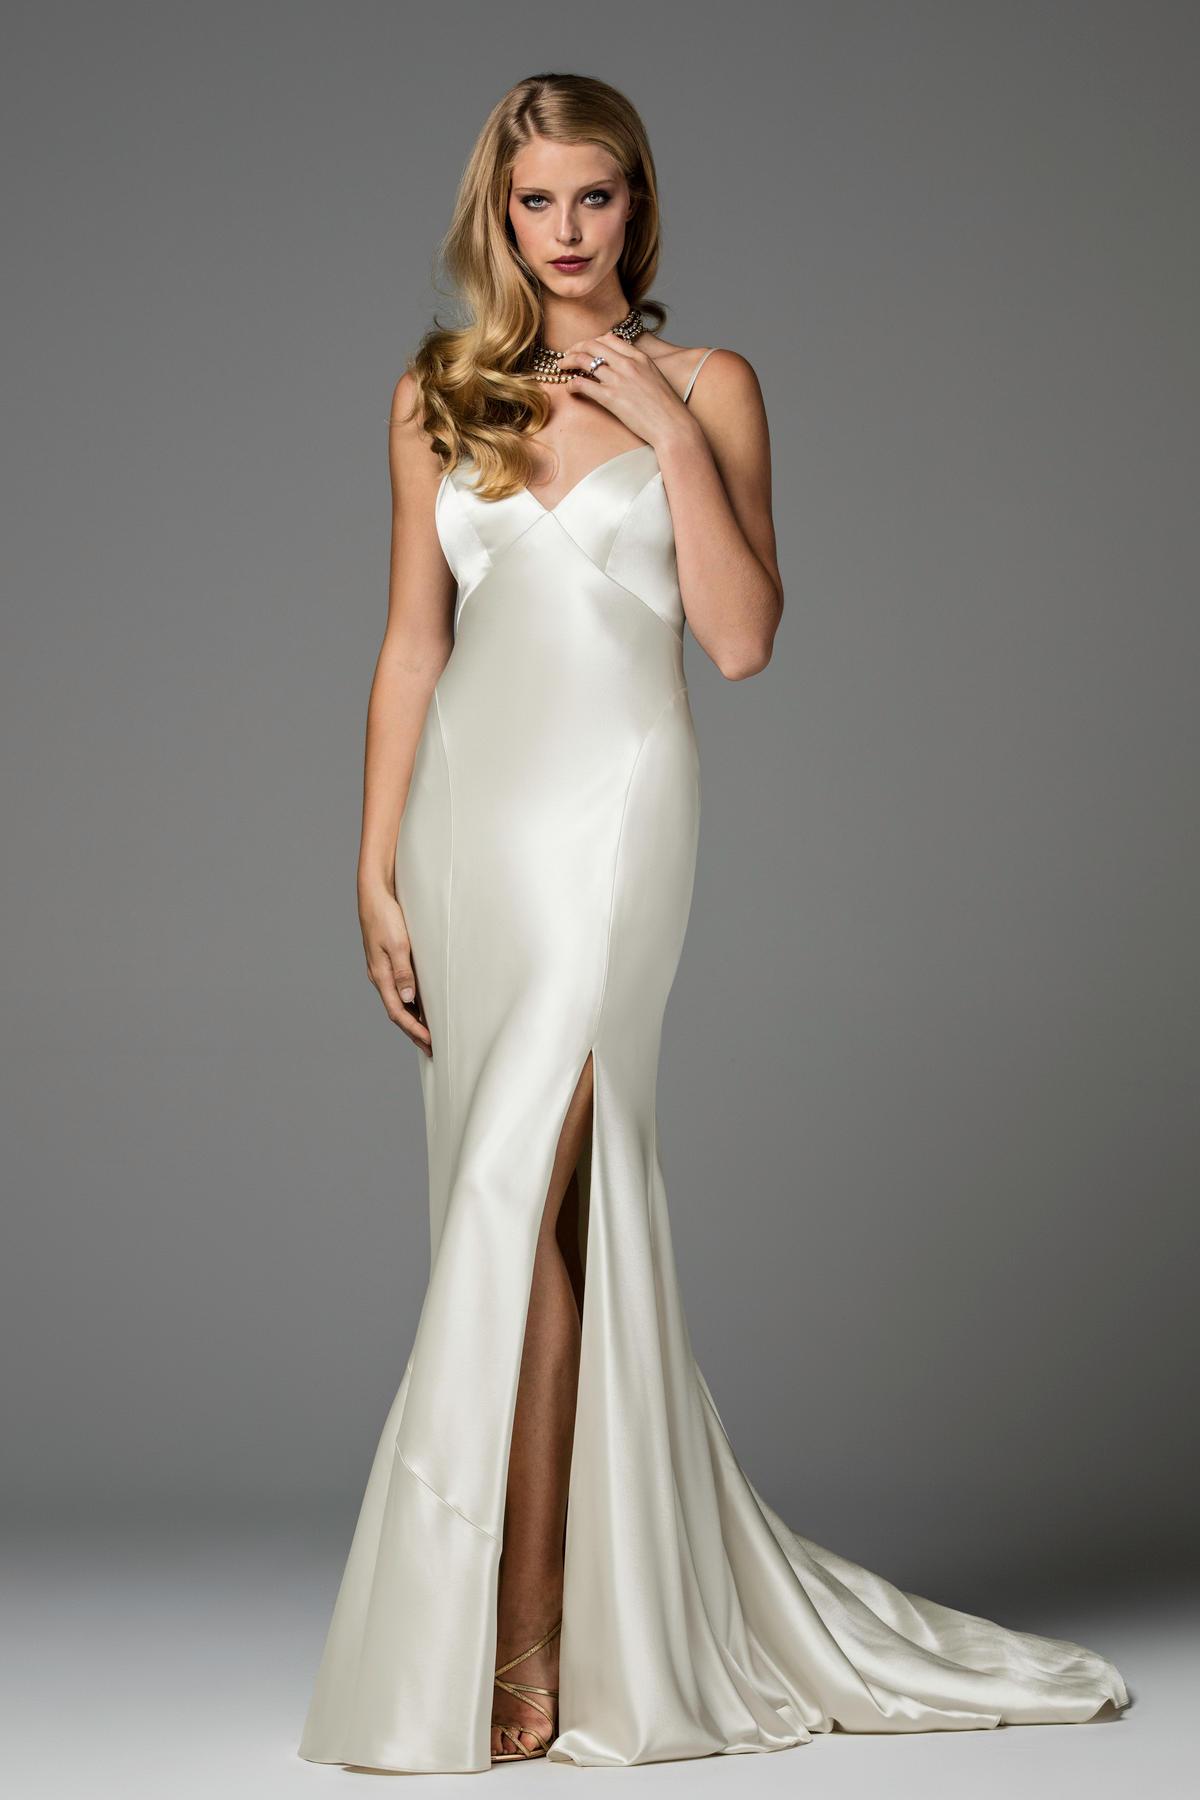 1940s Glamorous Wedding Dresses – Fashion design images